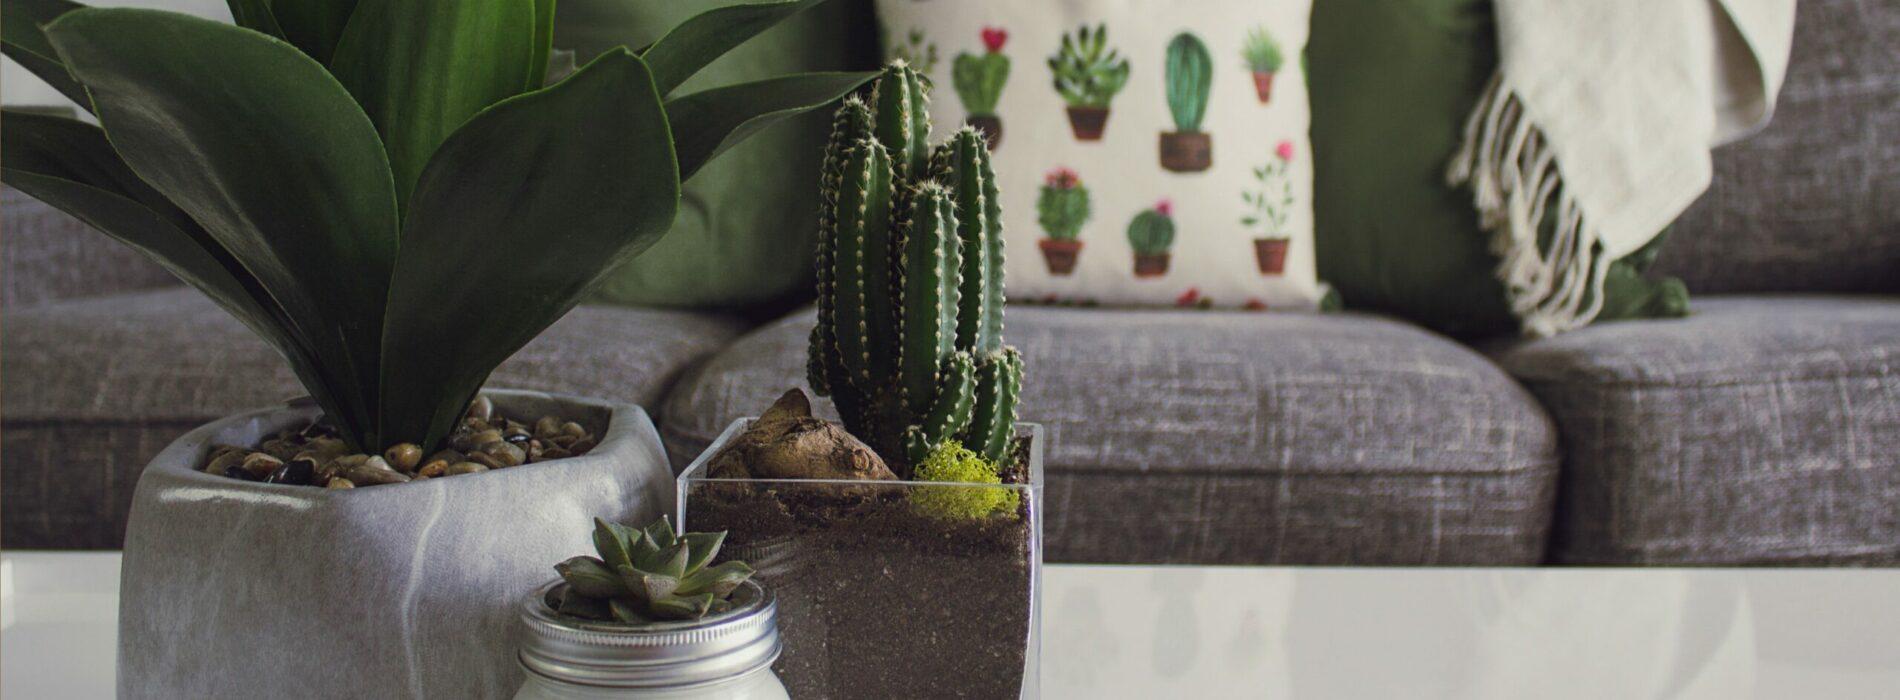 Poznaj niewymagające rośliny do twojego domu